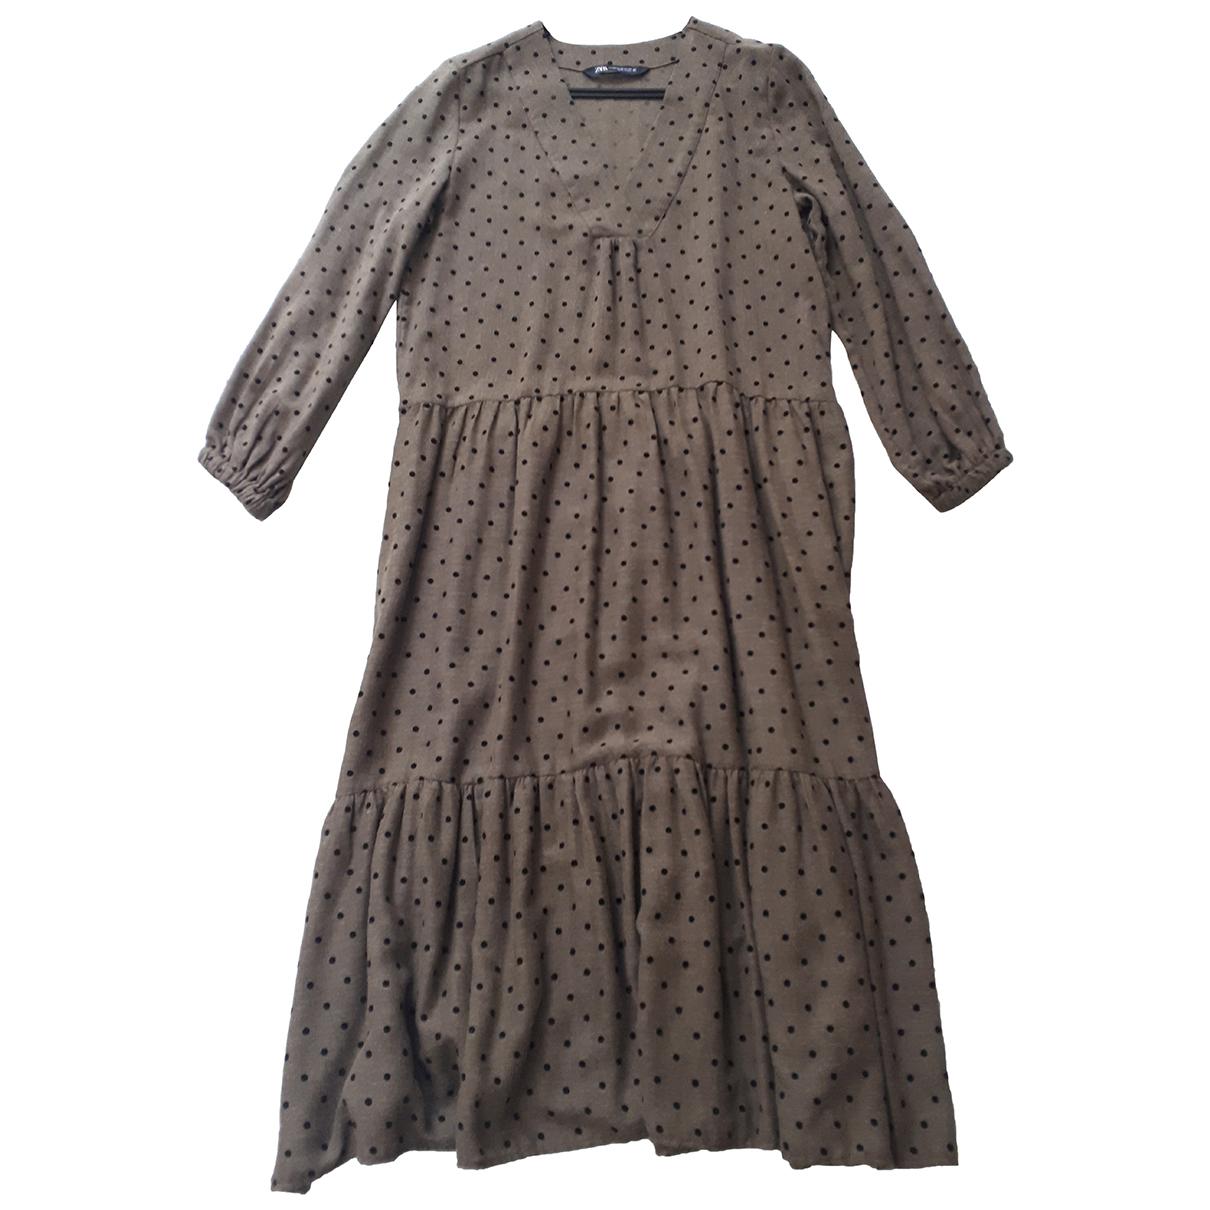 Zara \N Kleid in  Khaki Synthetik